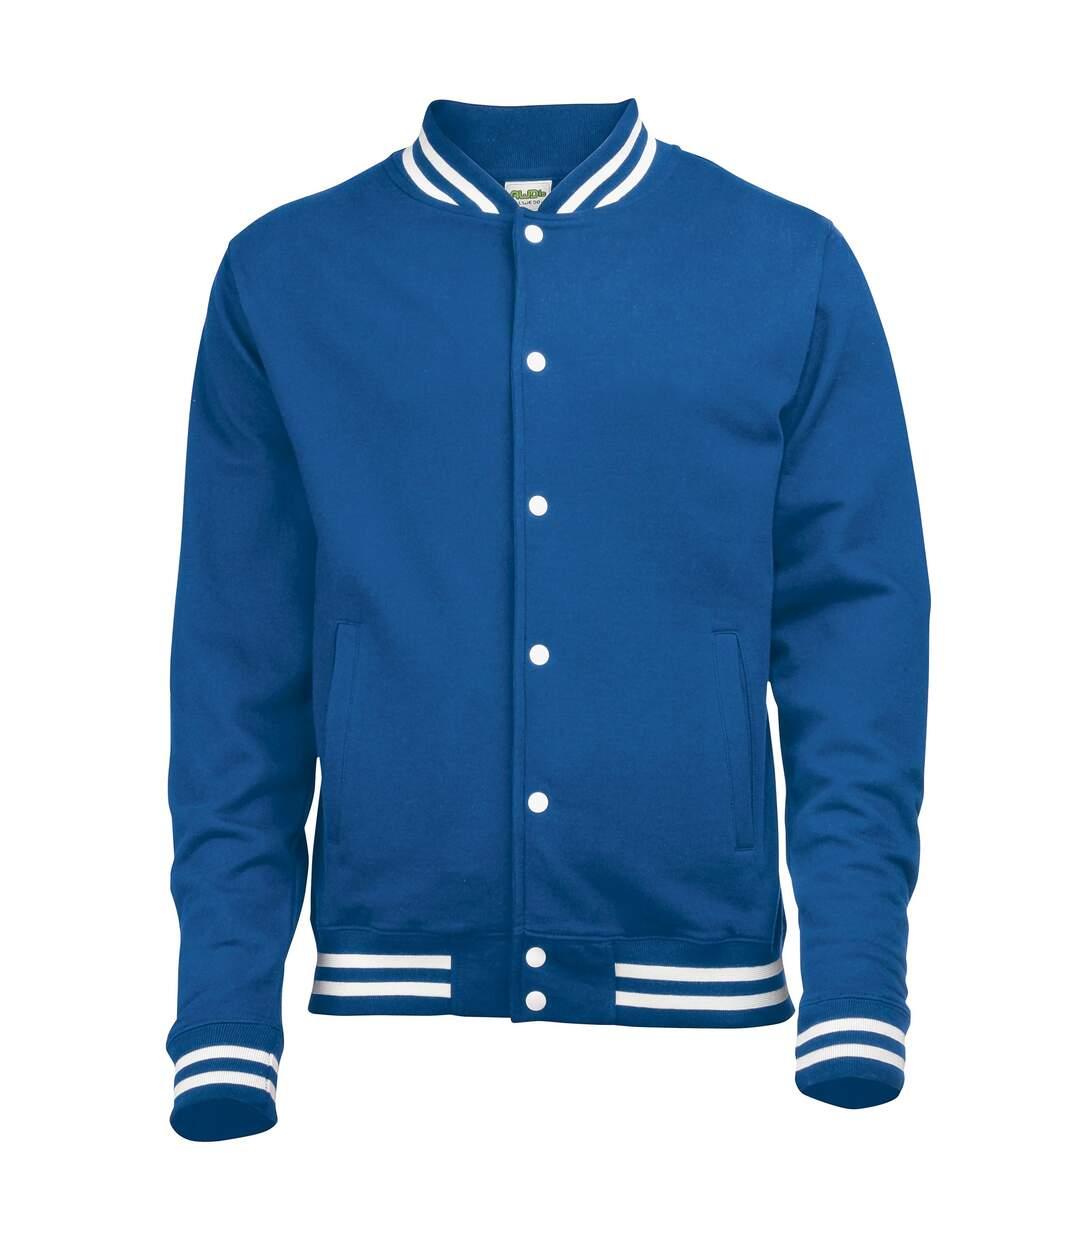 Awdis Adults Unisex College Varsity Jacket (Heather Grey) - UTRW174